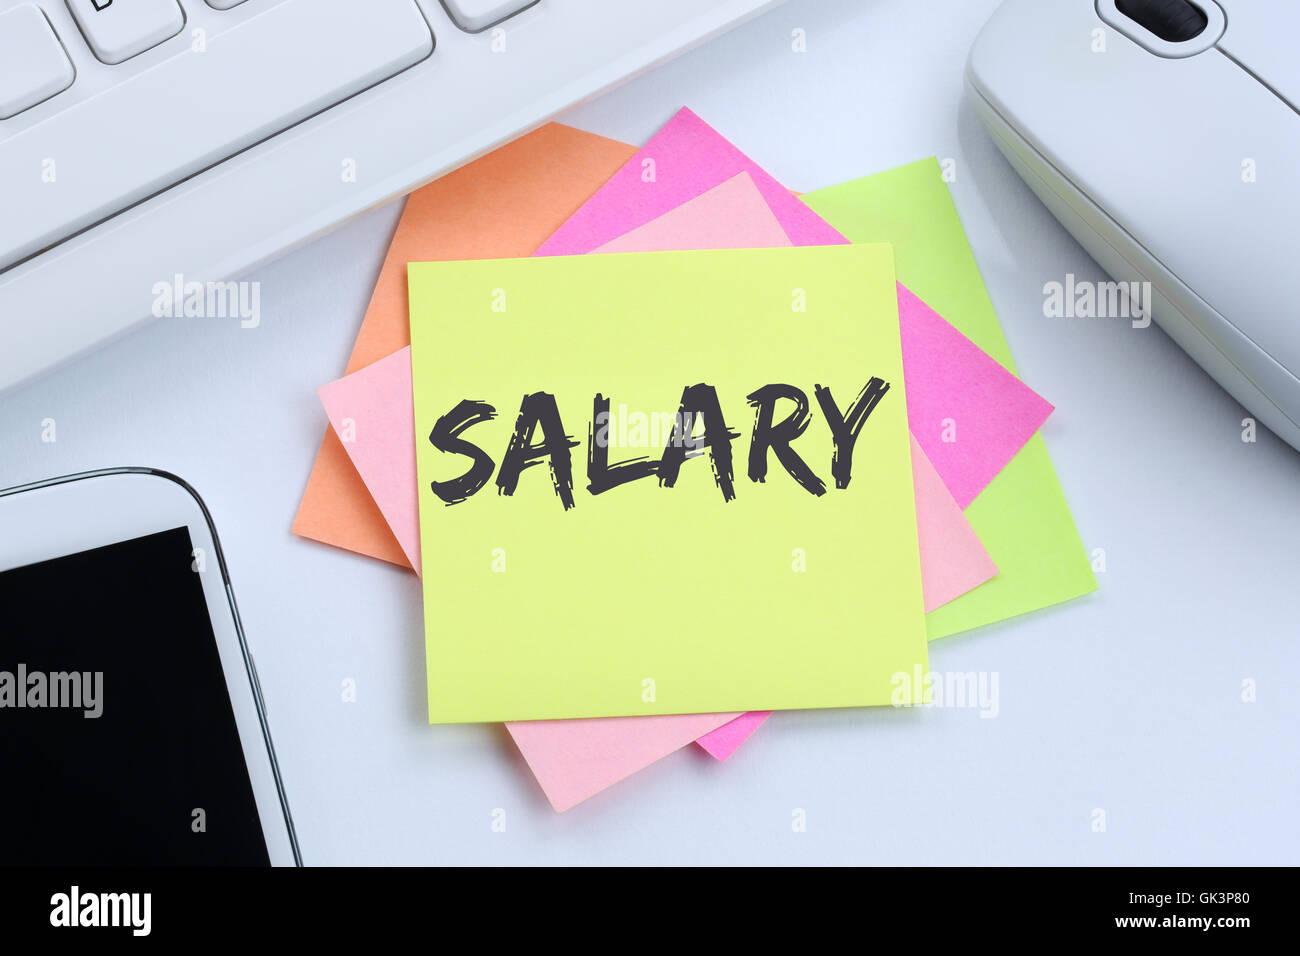 Aumento de sueldo negociación salarial concepto de negocio de finanzas dinero del teclado de la computadora Imagen De Stock